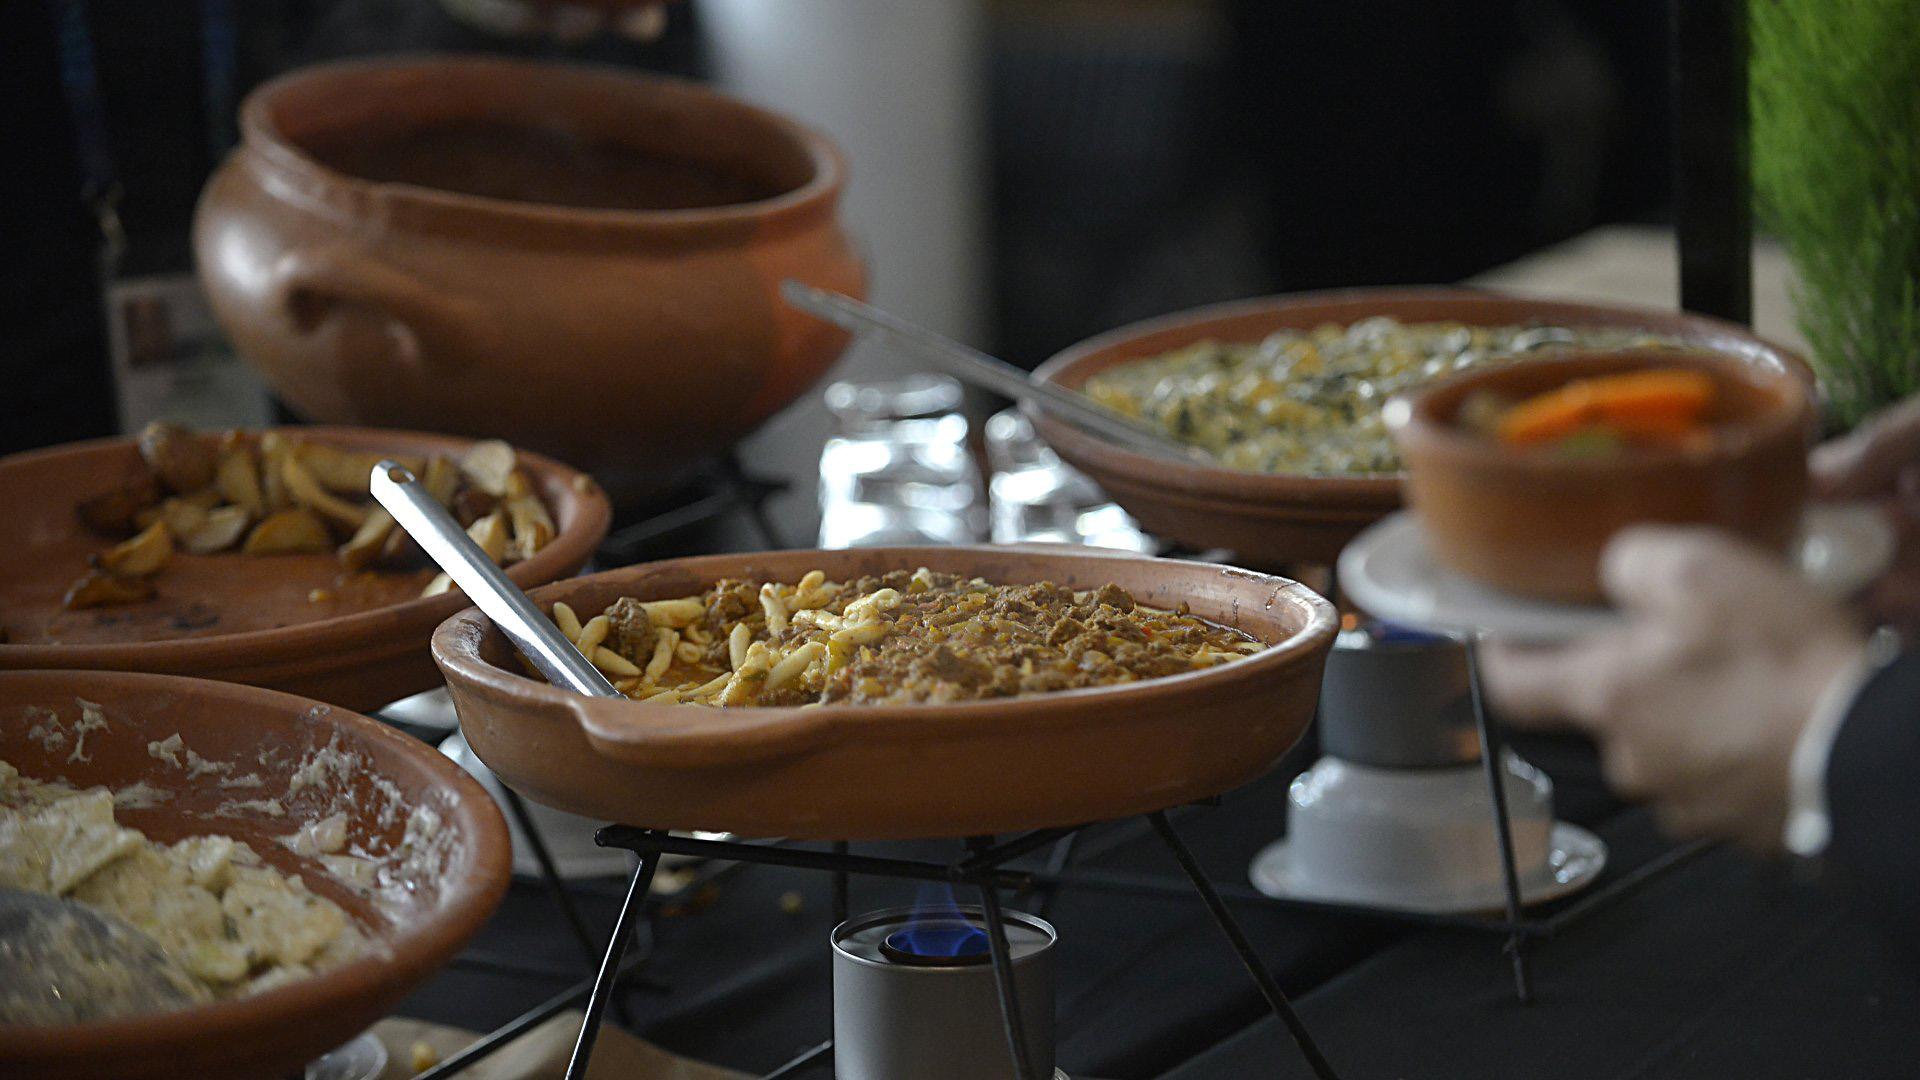 La Agencia Argentina de Inversiones y Comercio Internacional seleccionó los productos y gastronomía local para mostrar la diversidad productiva